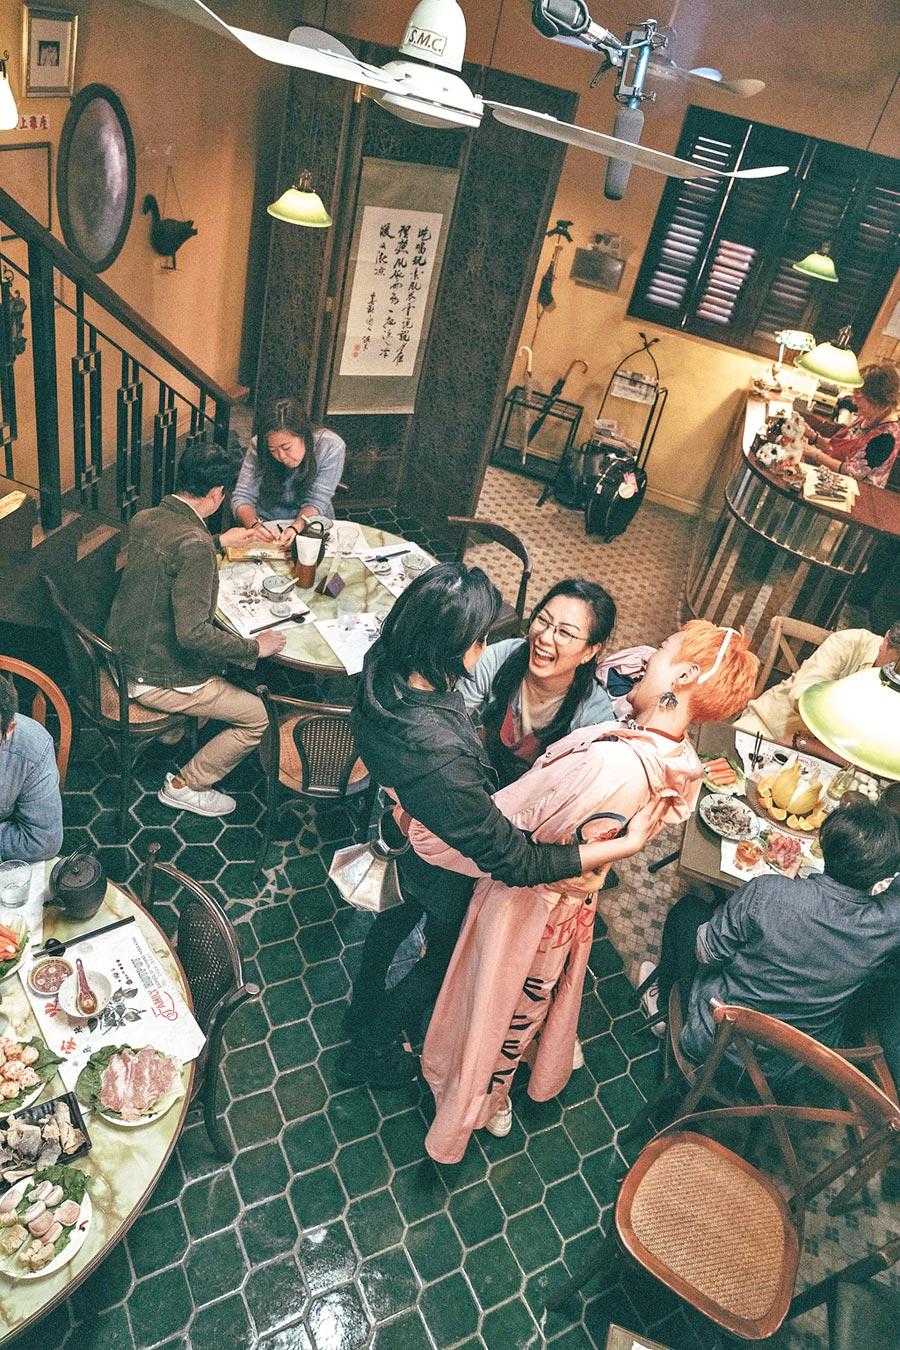 賴雅妍(左起)、鄭秀文、李曉峰演出各有故事的三姊妹。